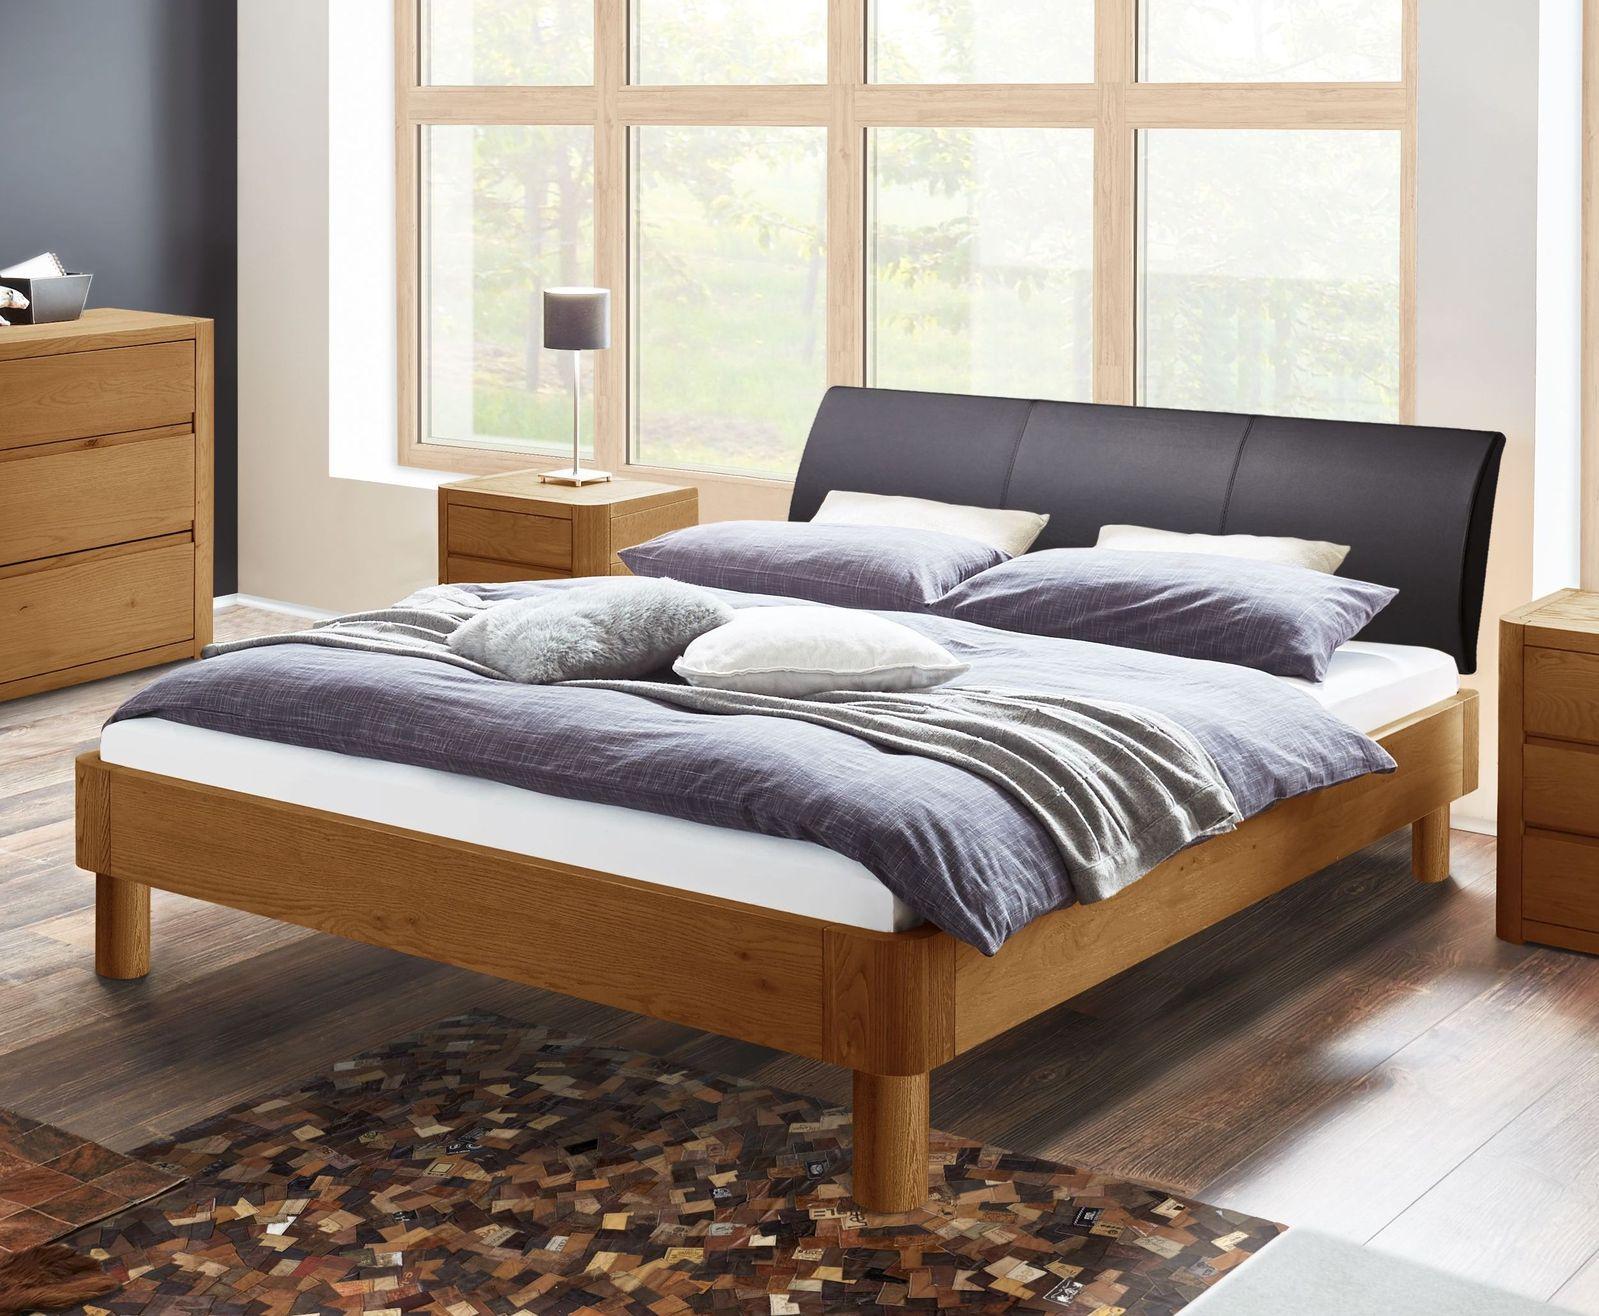 Full Size of Massivholzbett Barbados In Berlnge Erhltlich Bettende Bett Betten.de